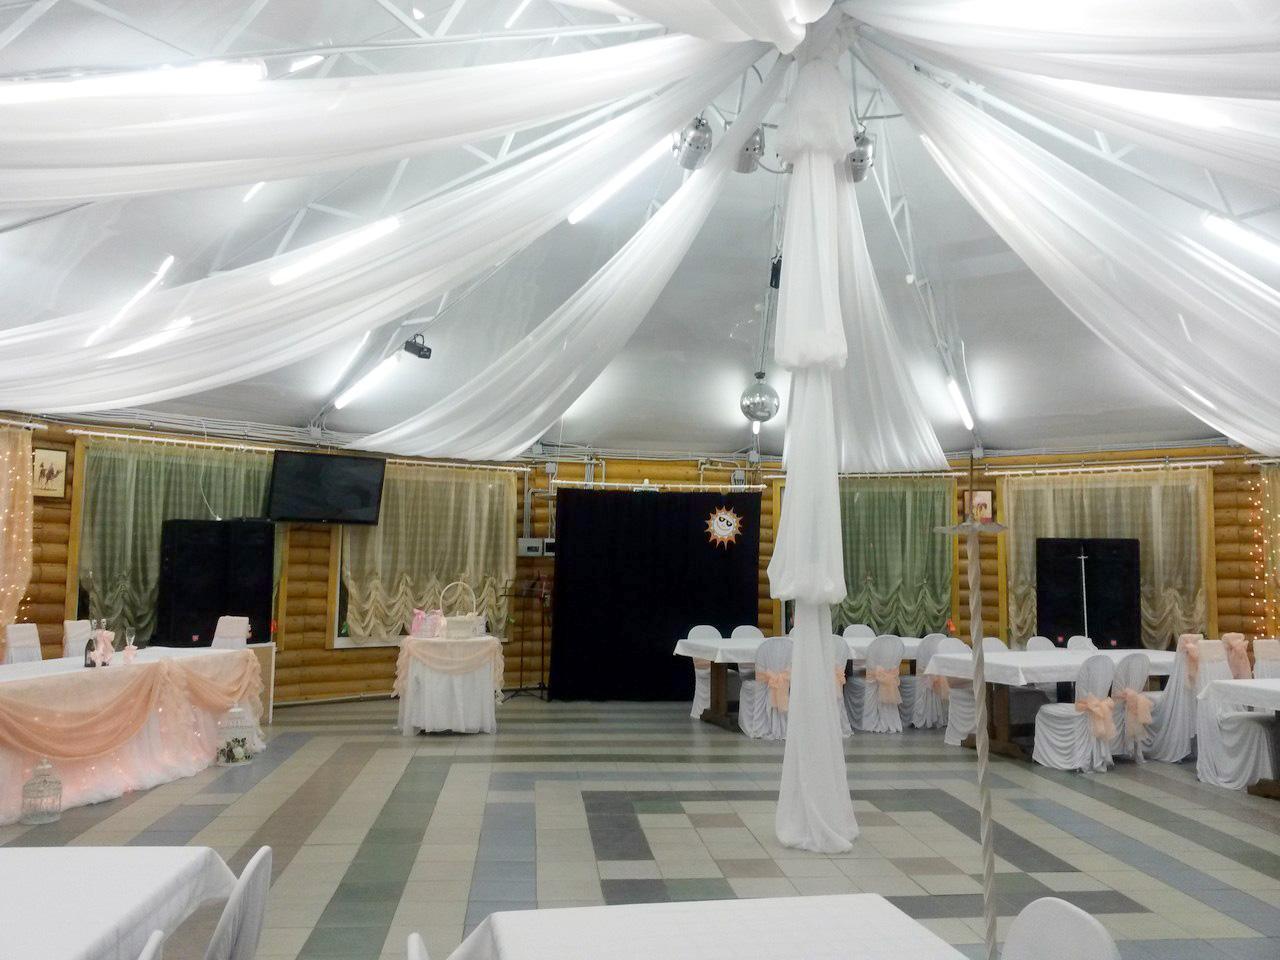 Цветовая гамма ткани позволяет дополнить выбранный стиль свадьбы. От классической белой, до модерна.